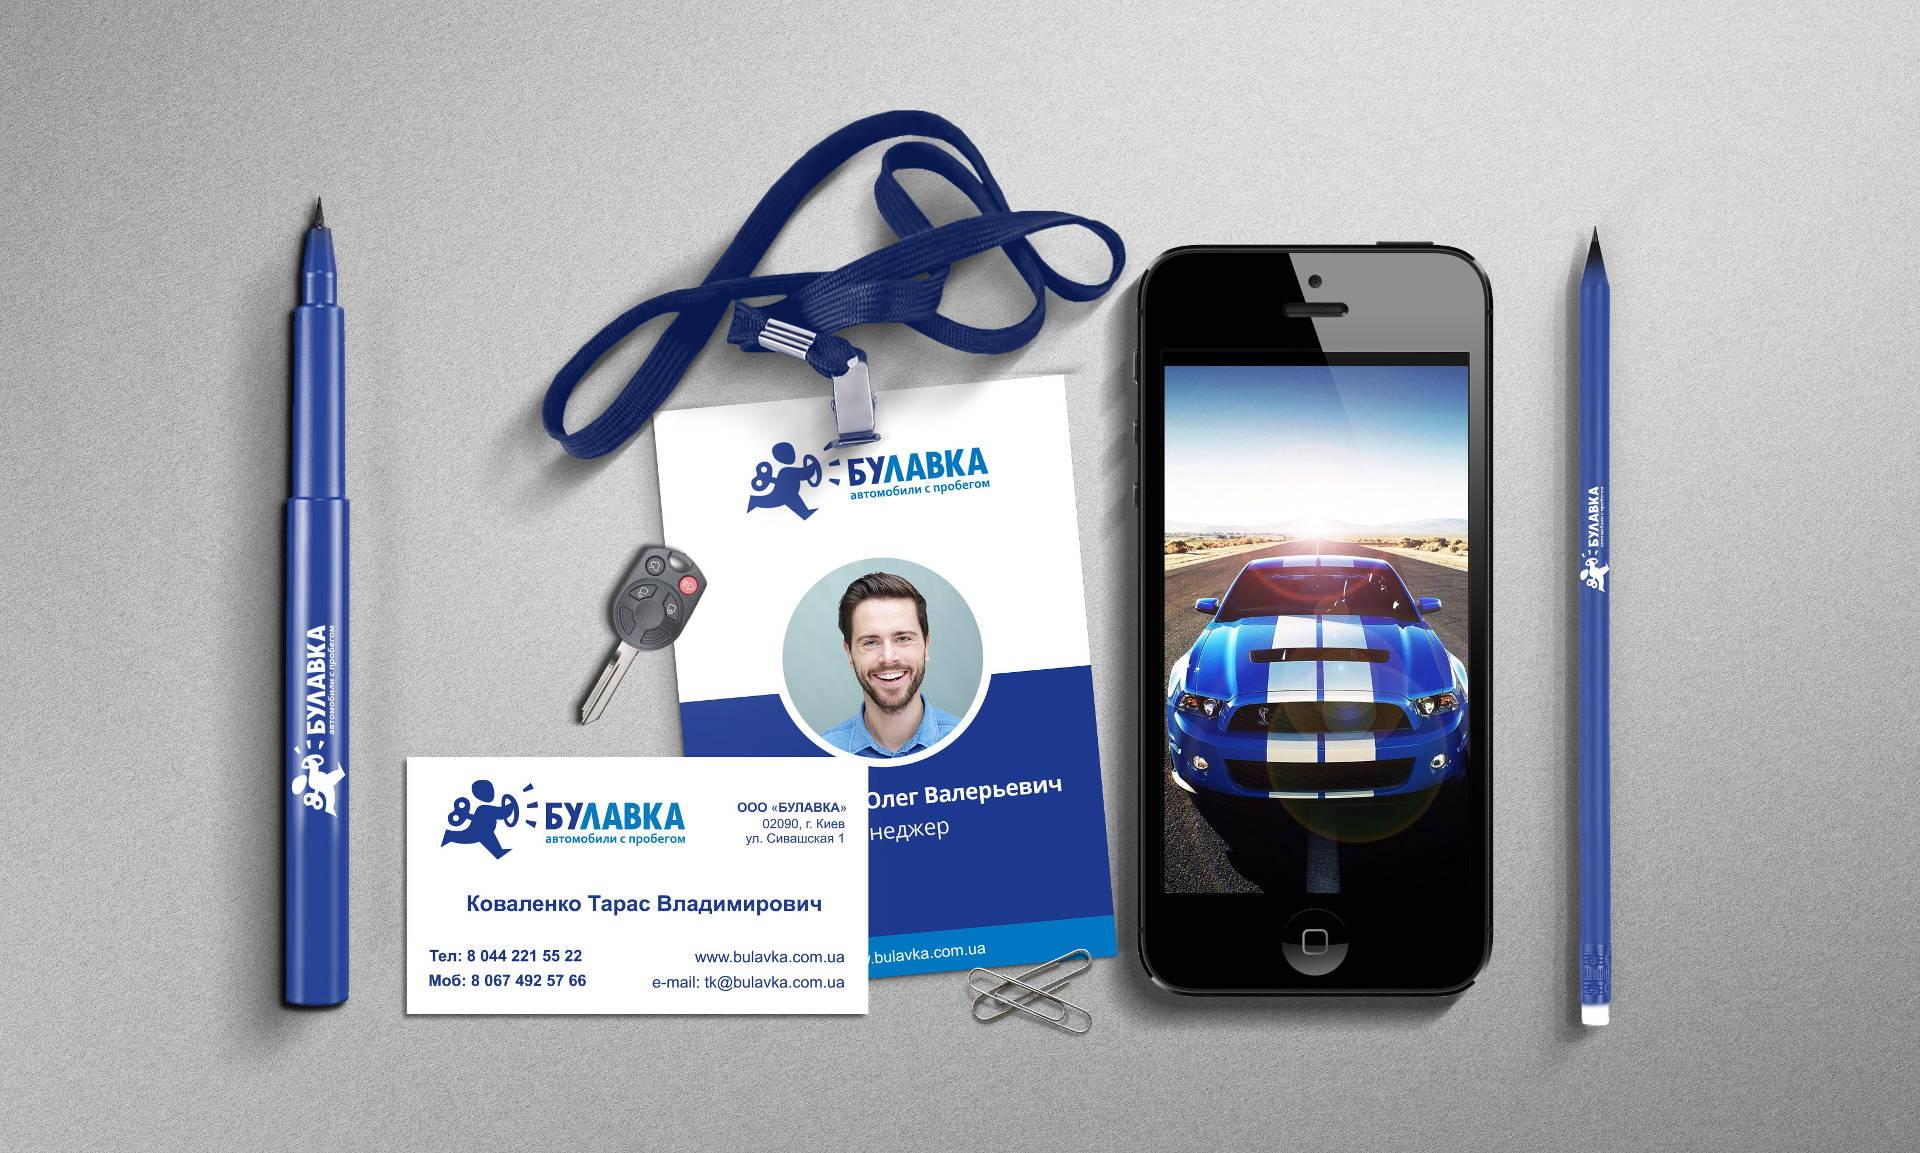 Автомобильная компания logo design, Car company logo